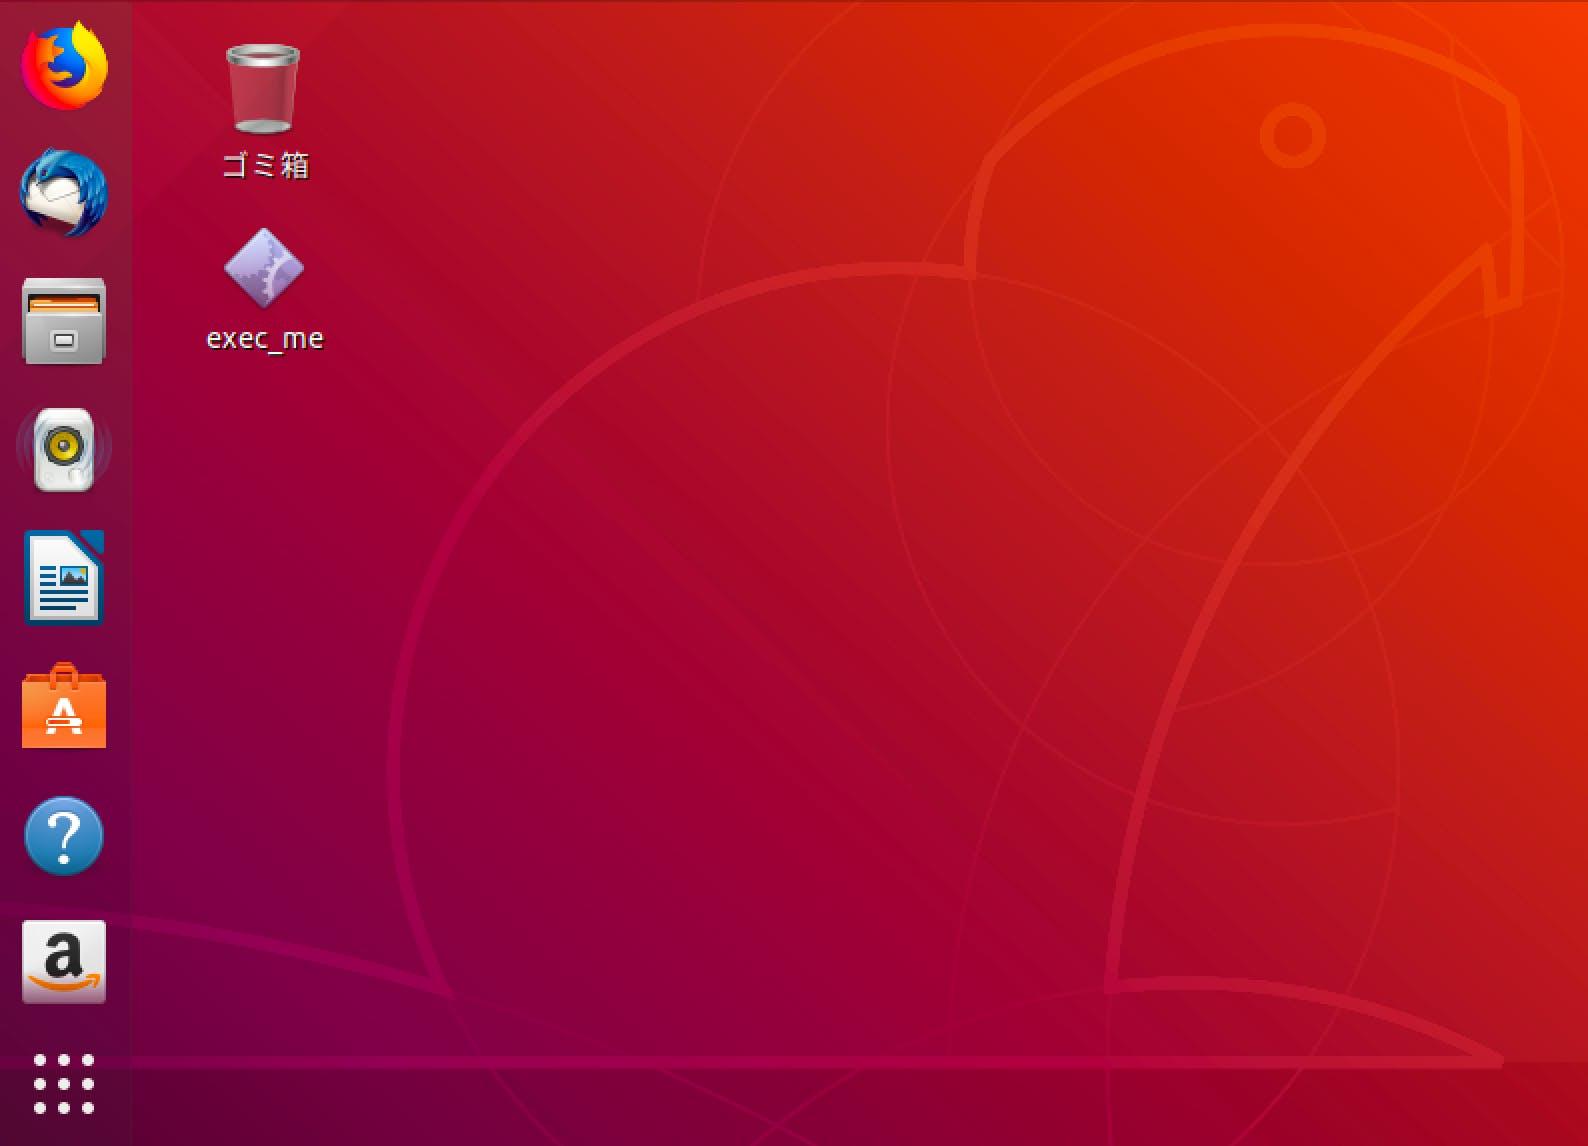 スクリーンショット 2018-05-24 21.24.10.png